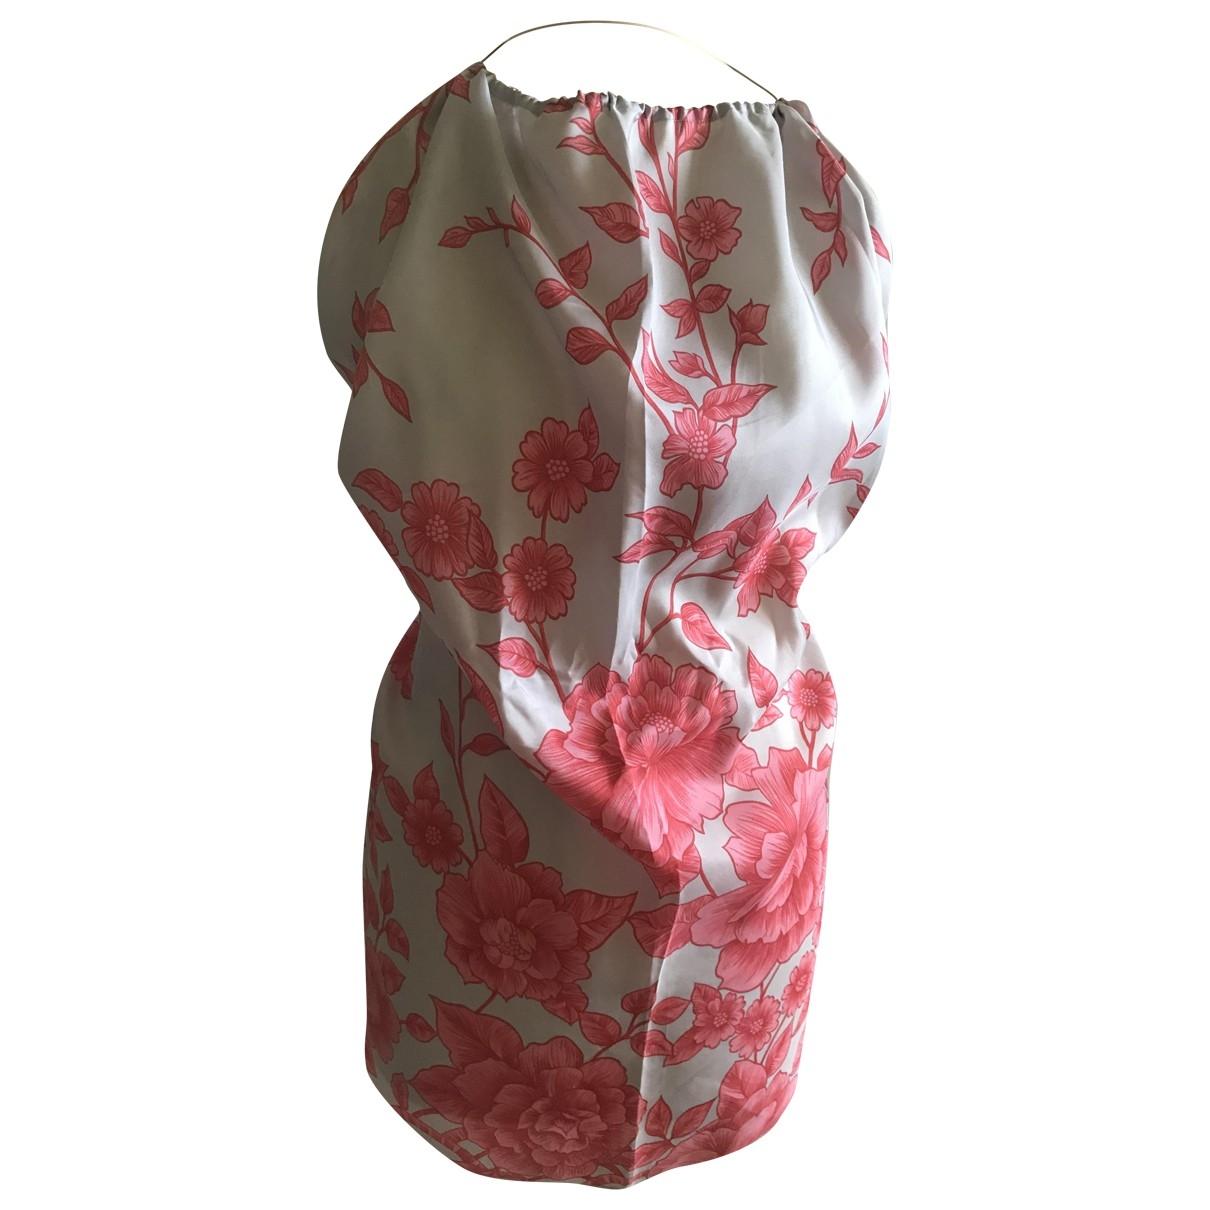 Paul & Joe - Top   pour femme en soie - multicolore